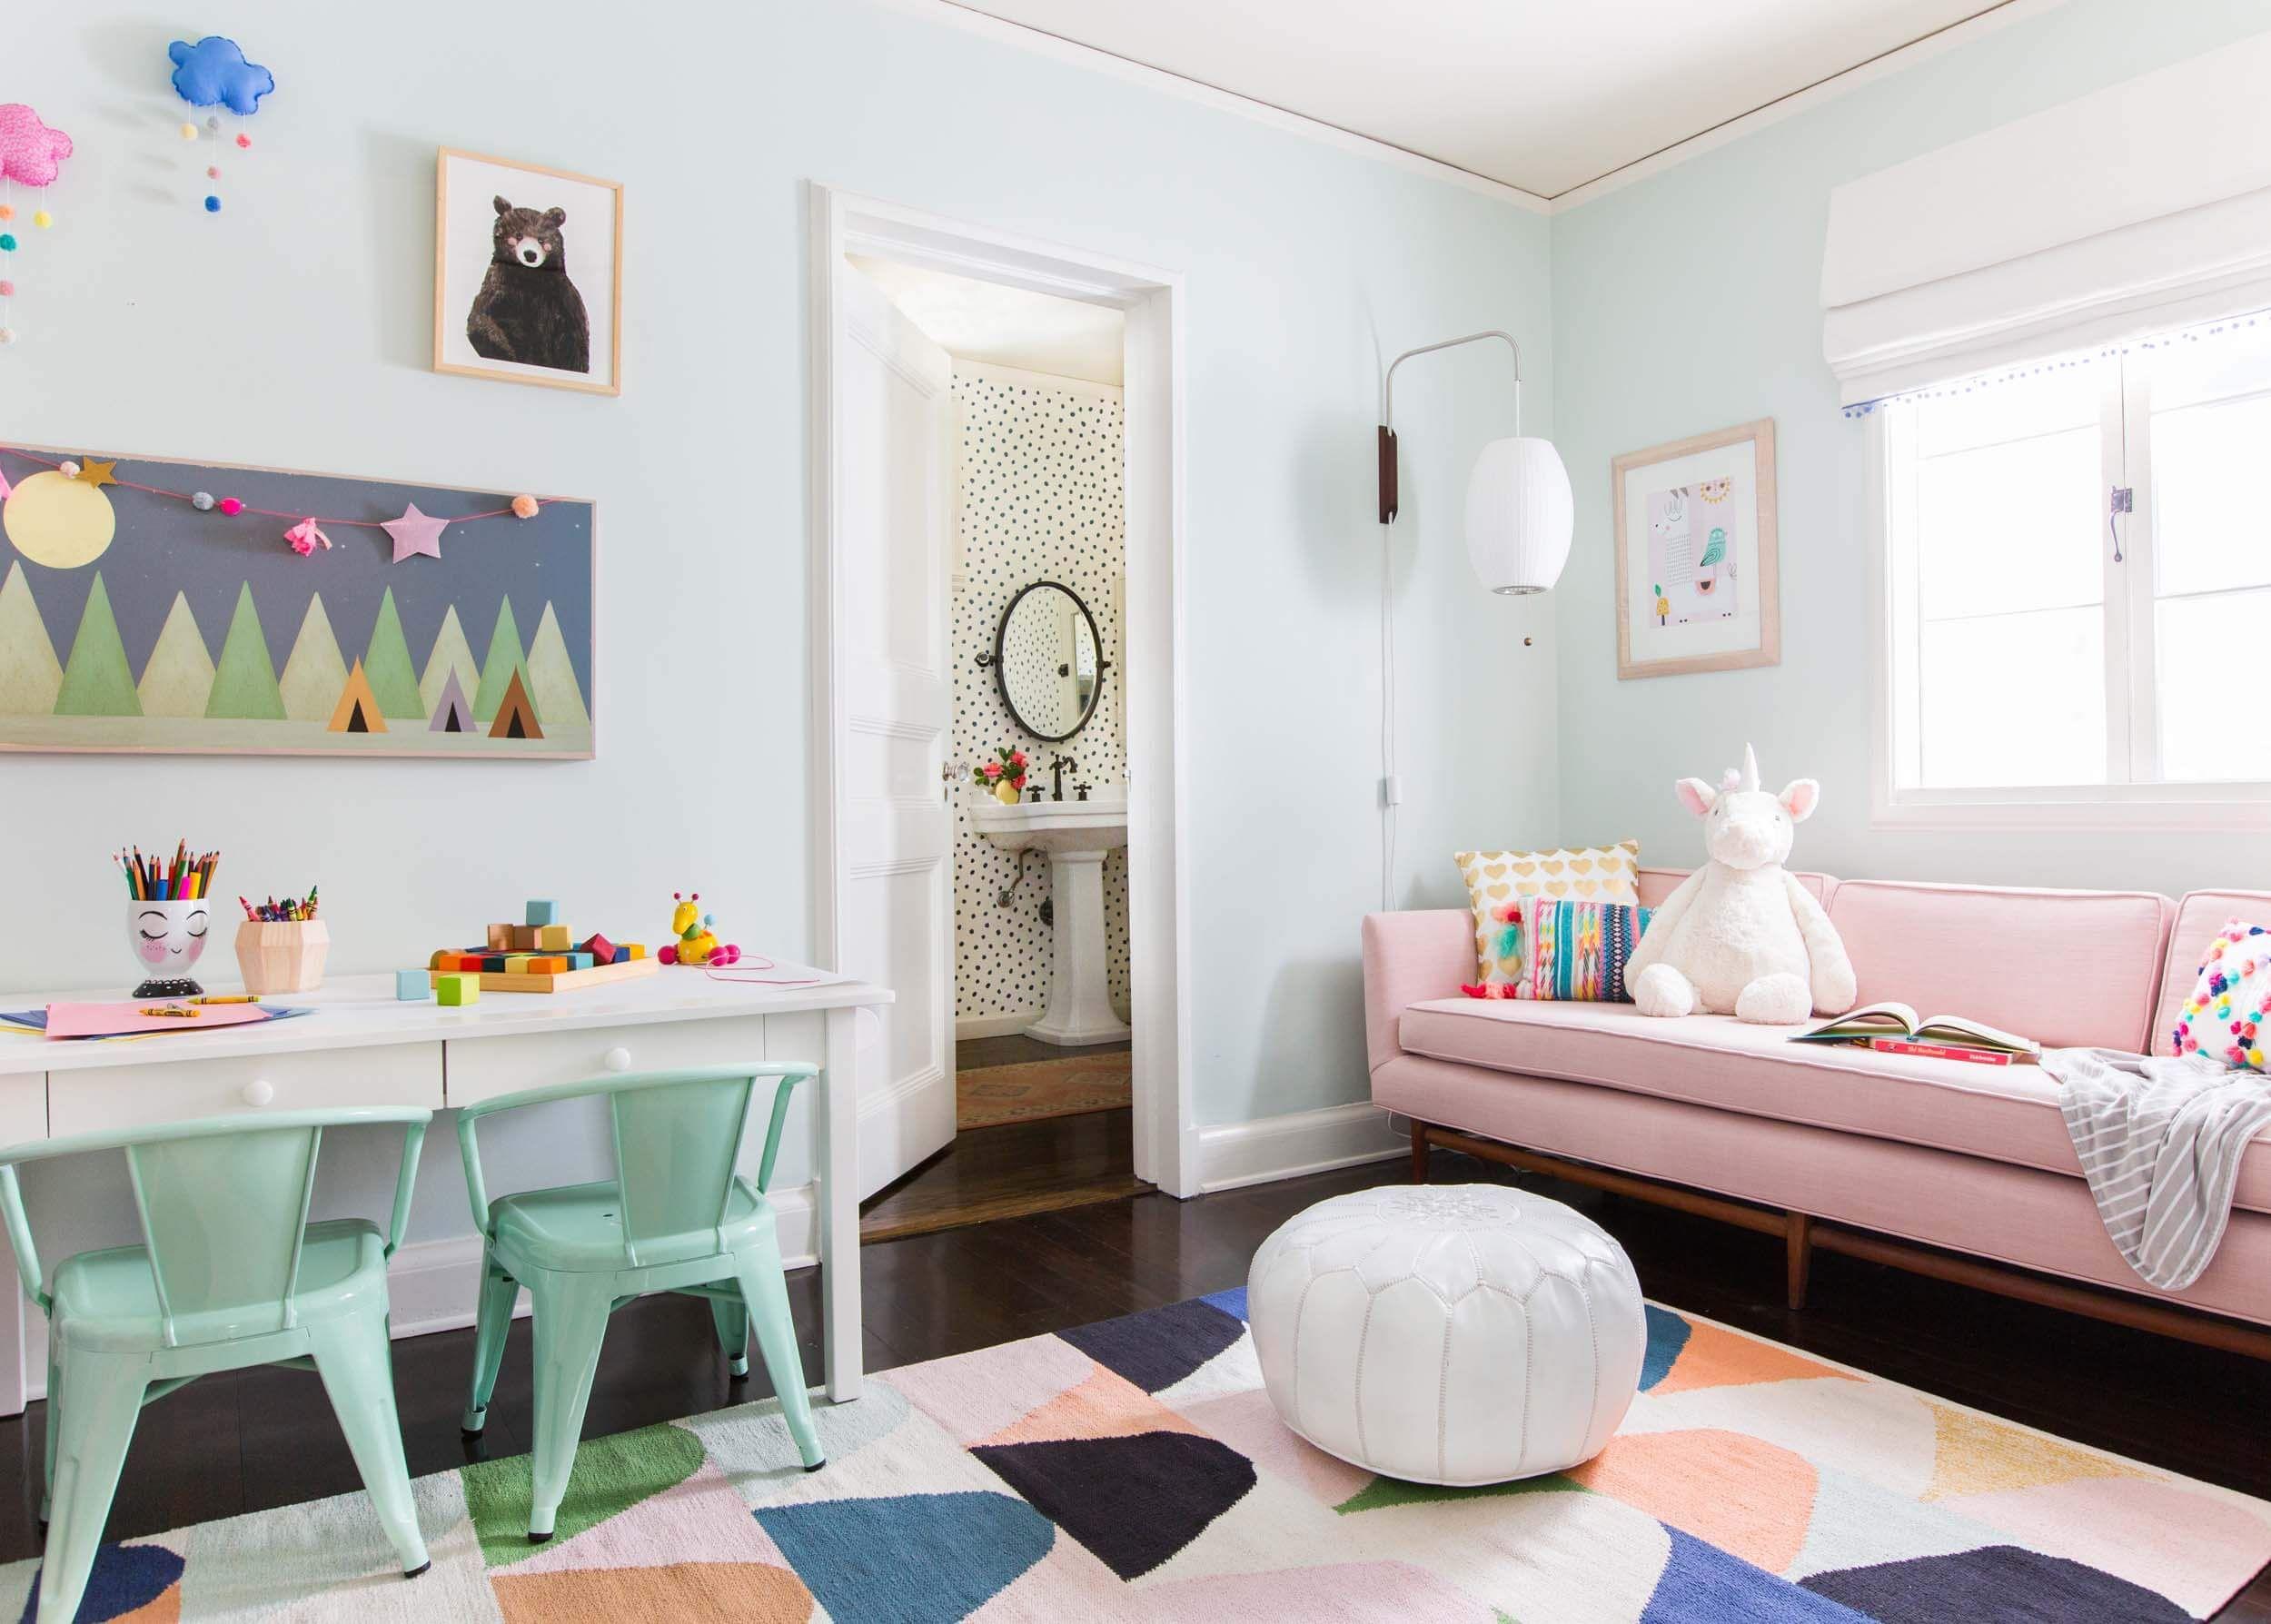 amp s luxury childrens furniture children playroom of ideas designs kids cupboard